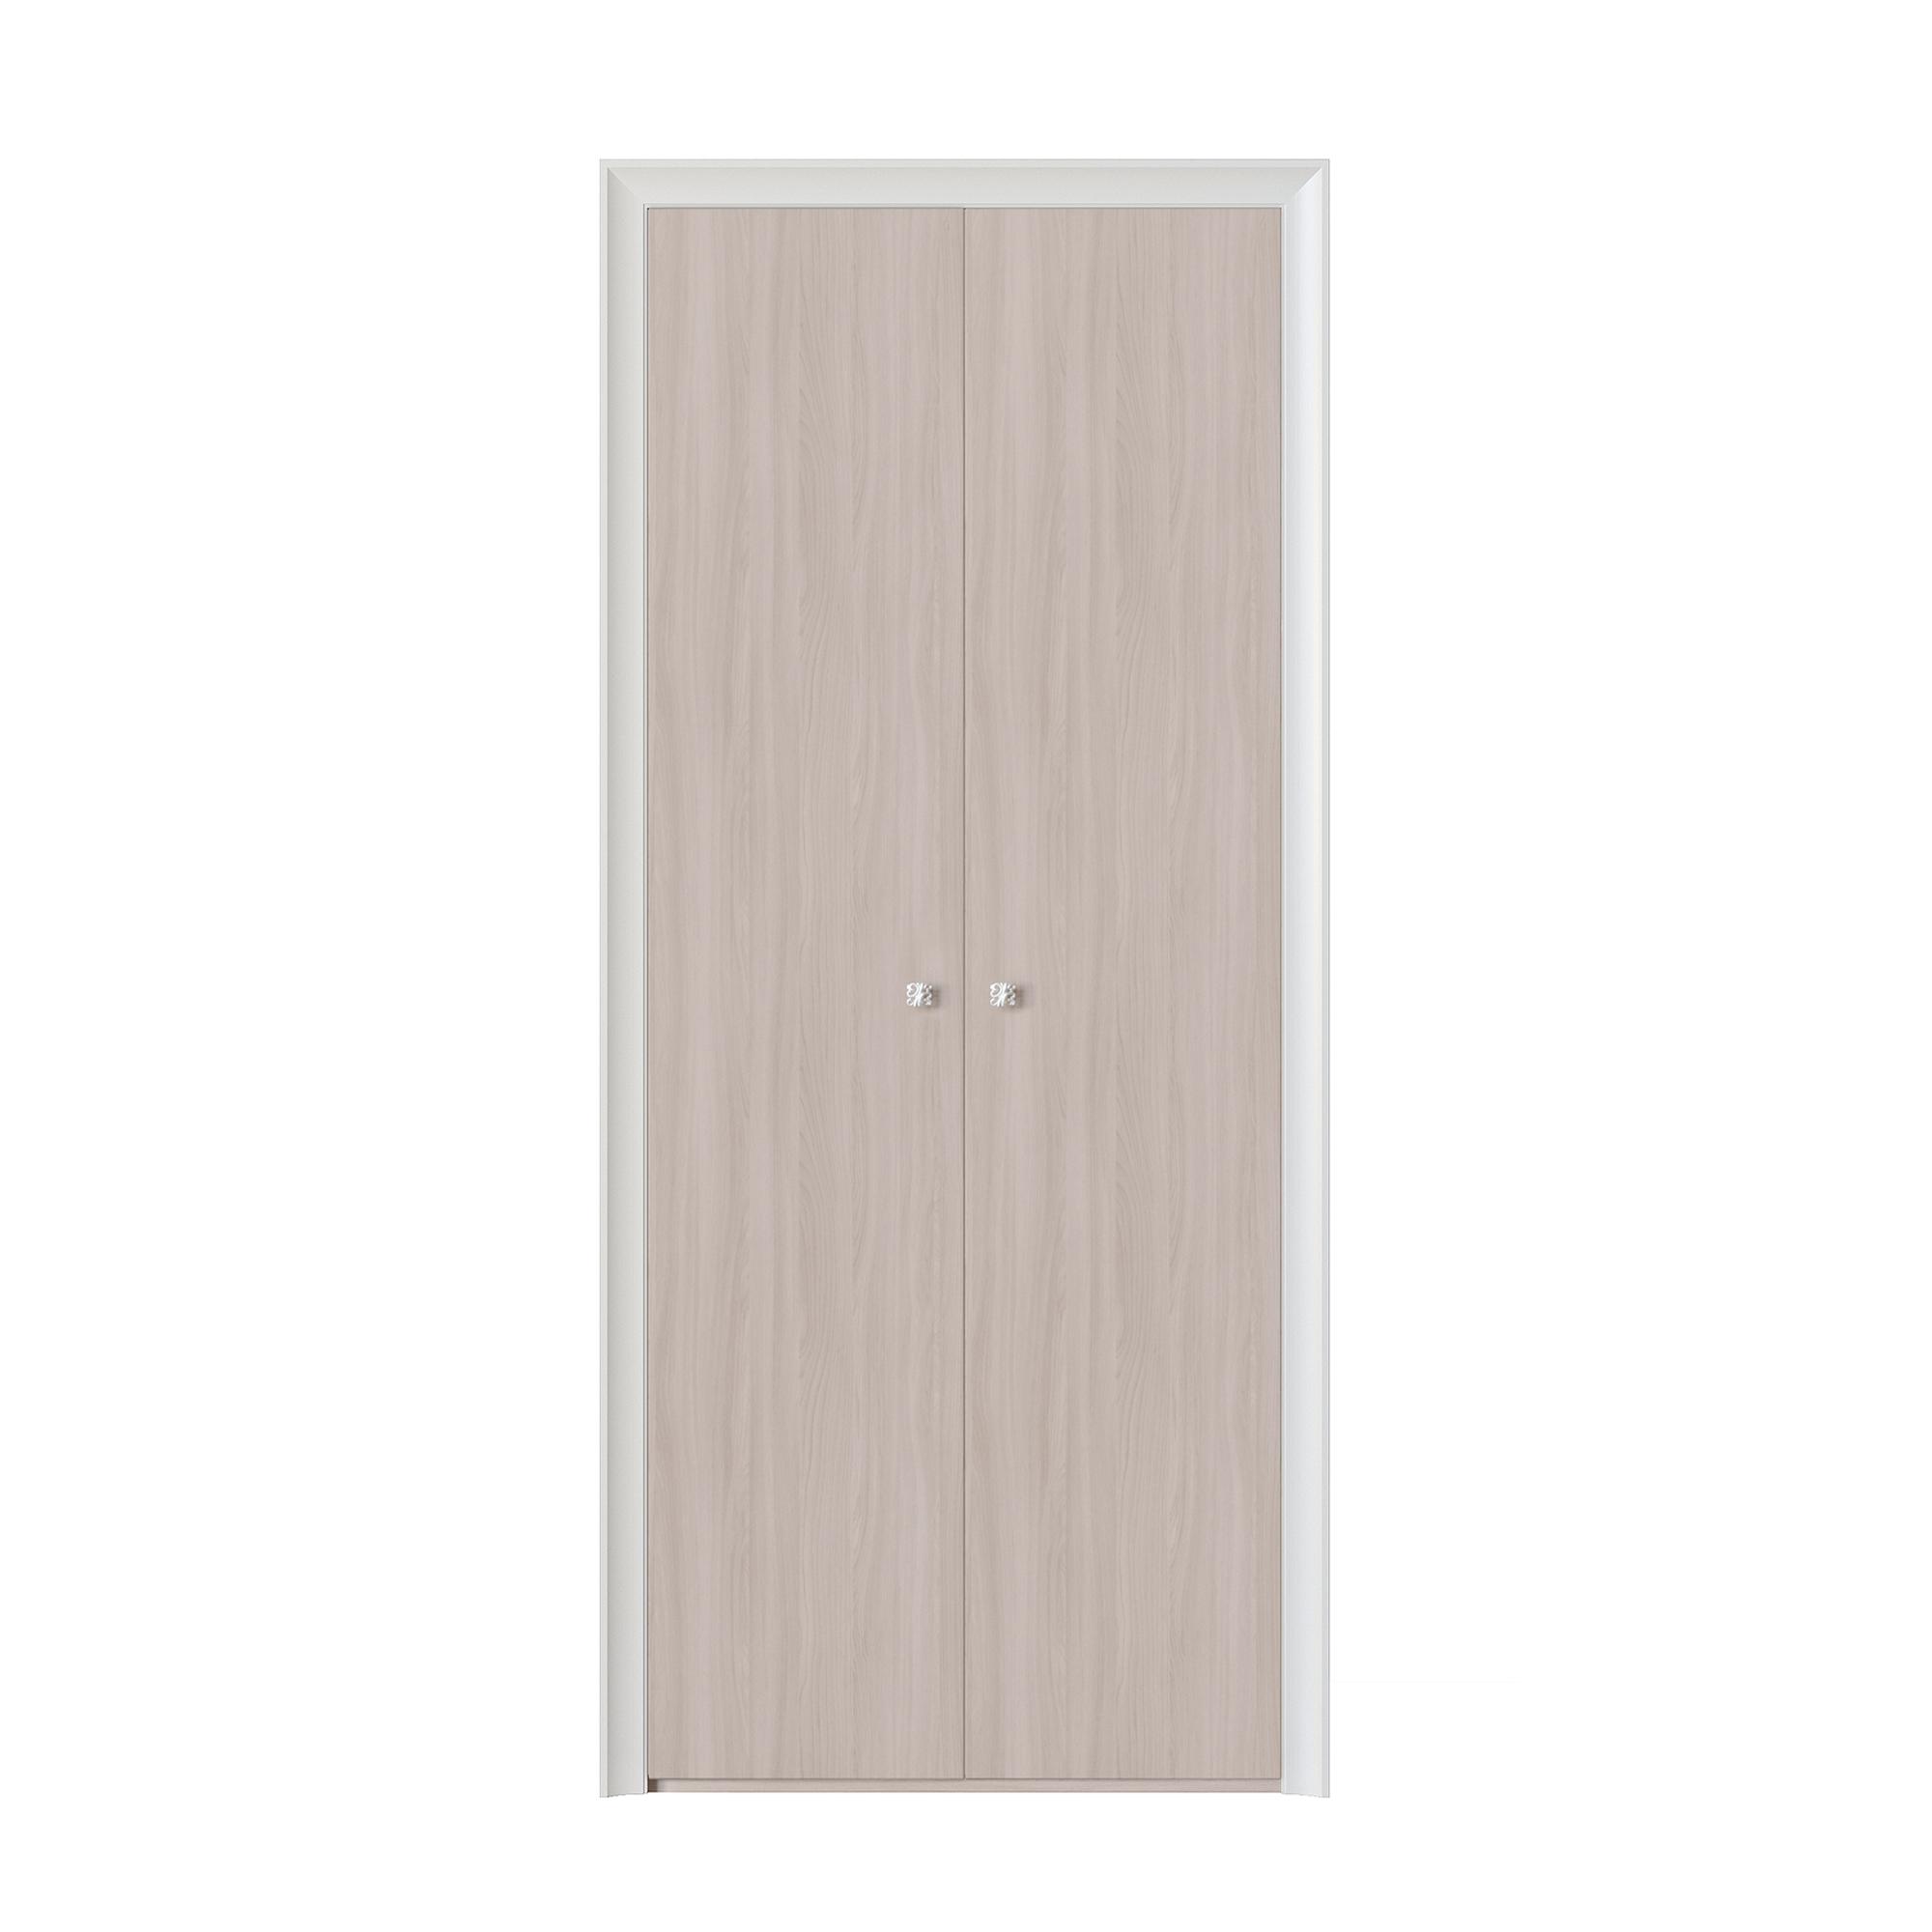 Шкаф двухдверный (корпус) «Прато» Кураж